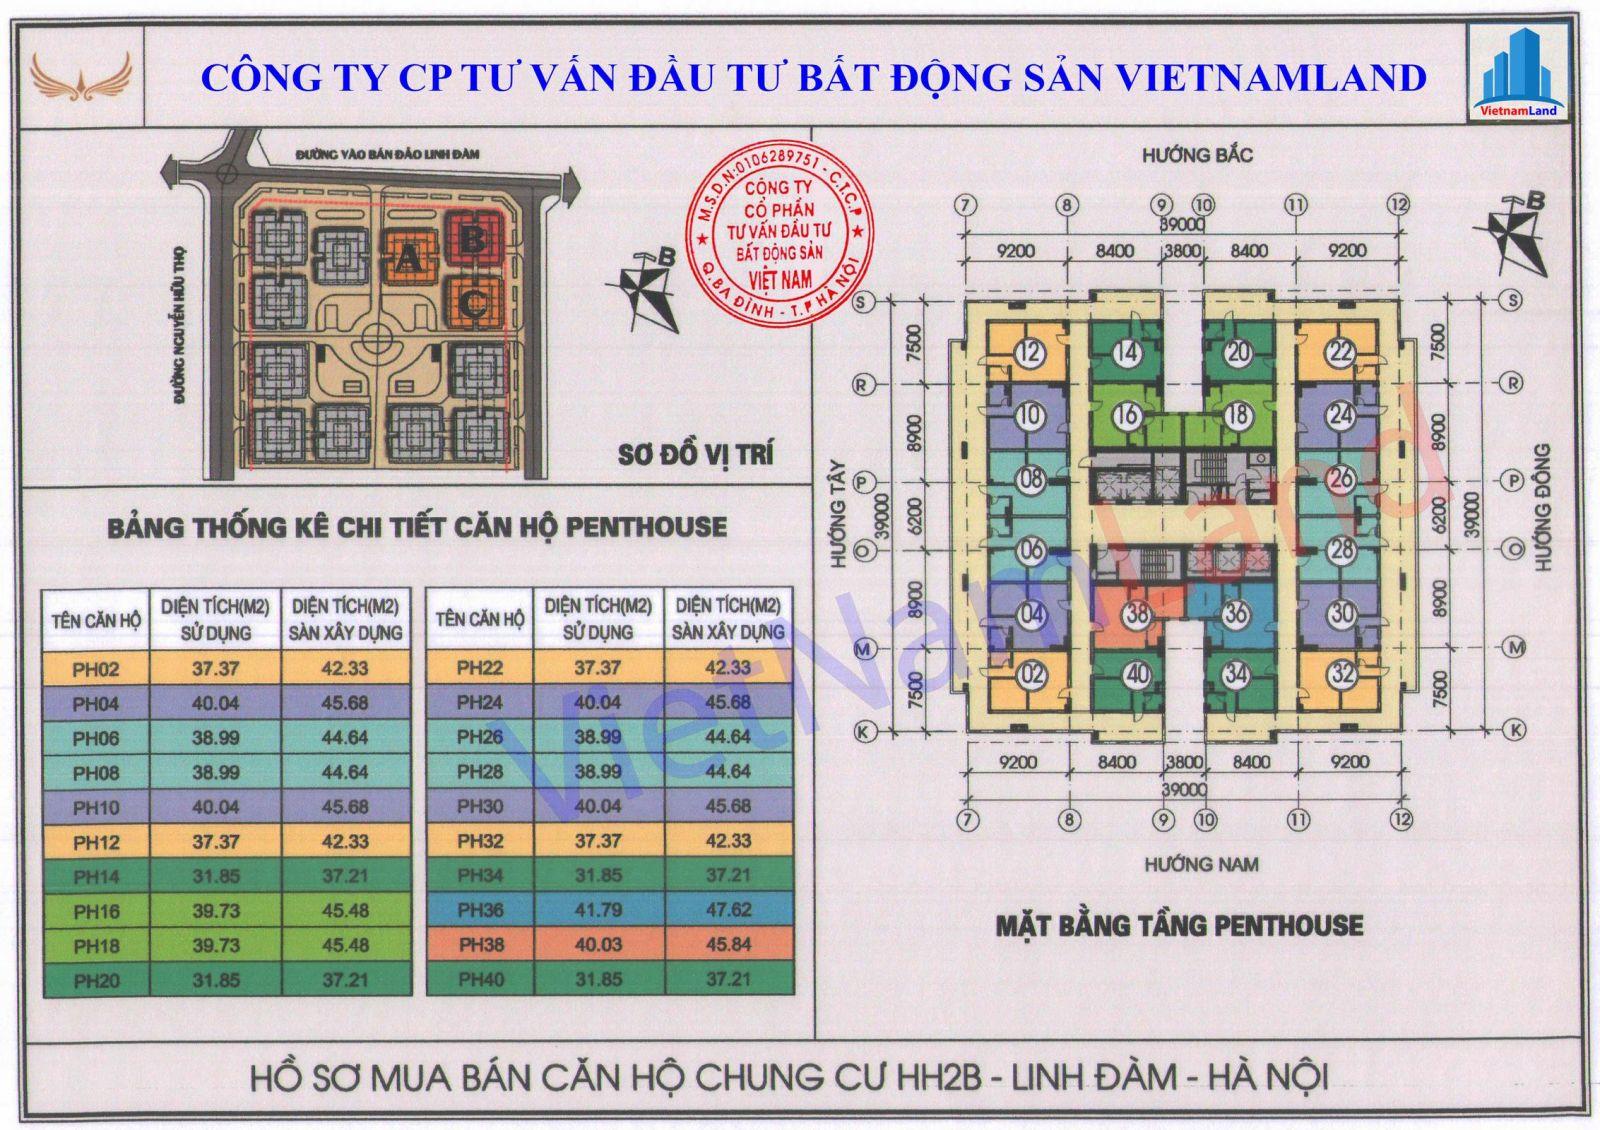 tang-pent-hh2b-linh-dam